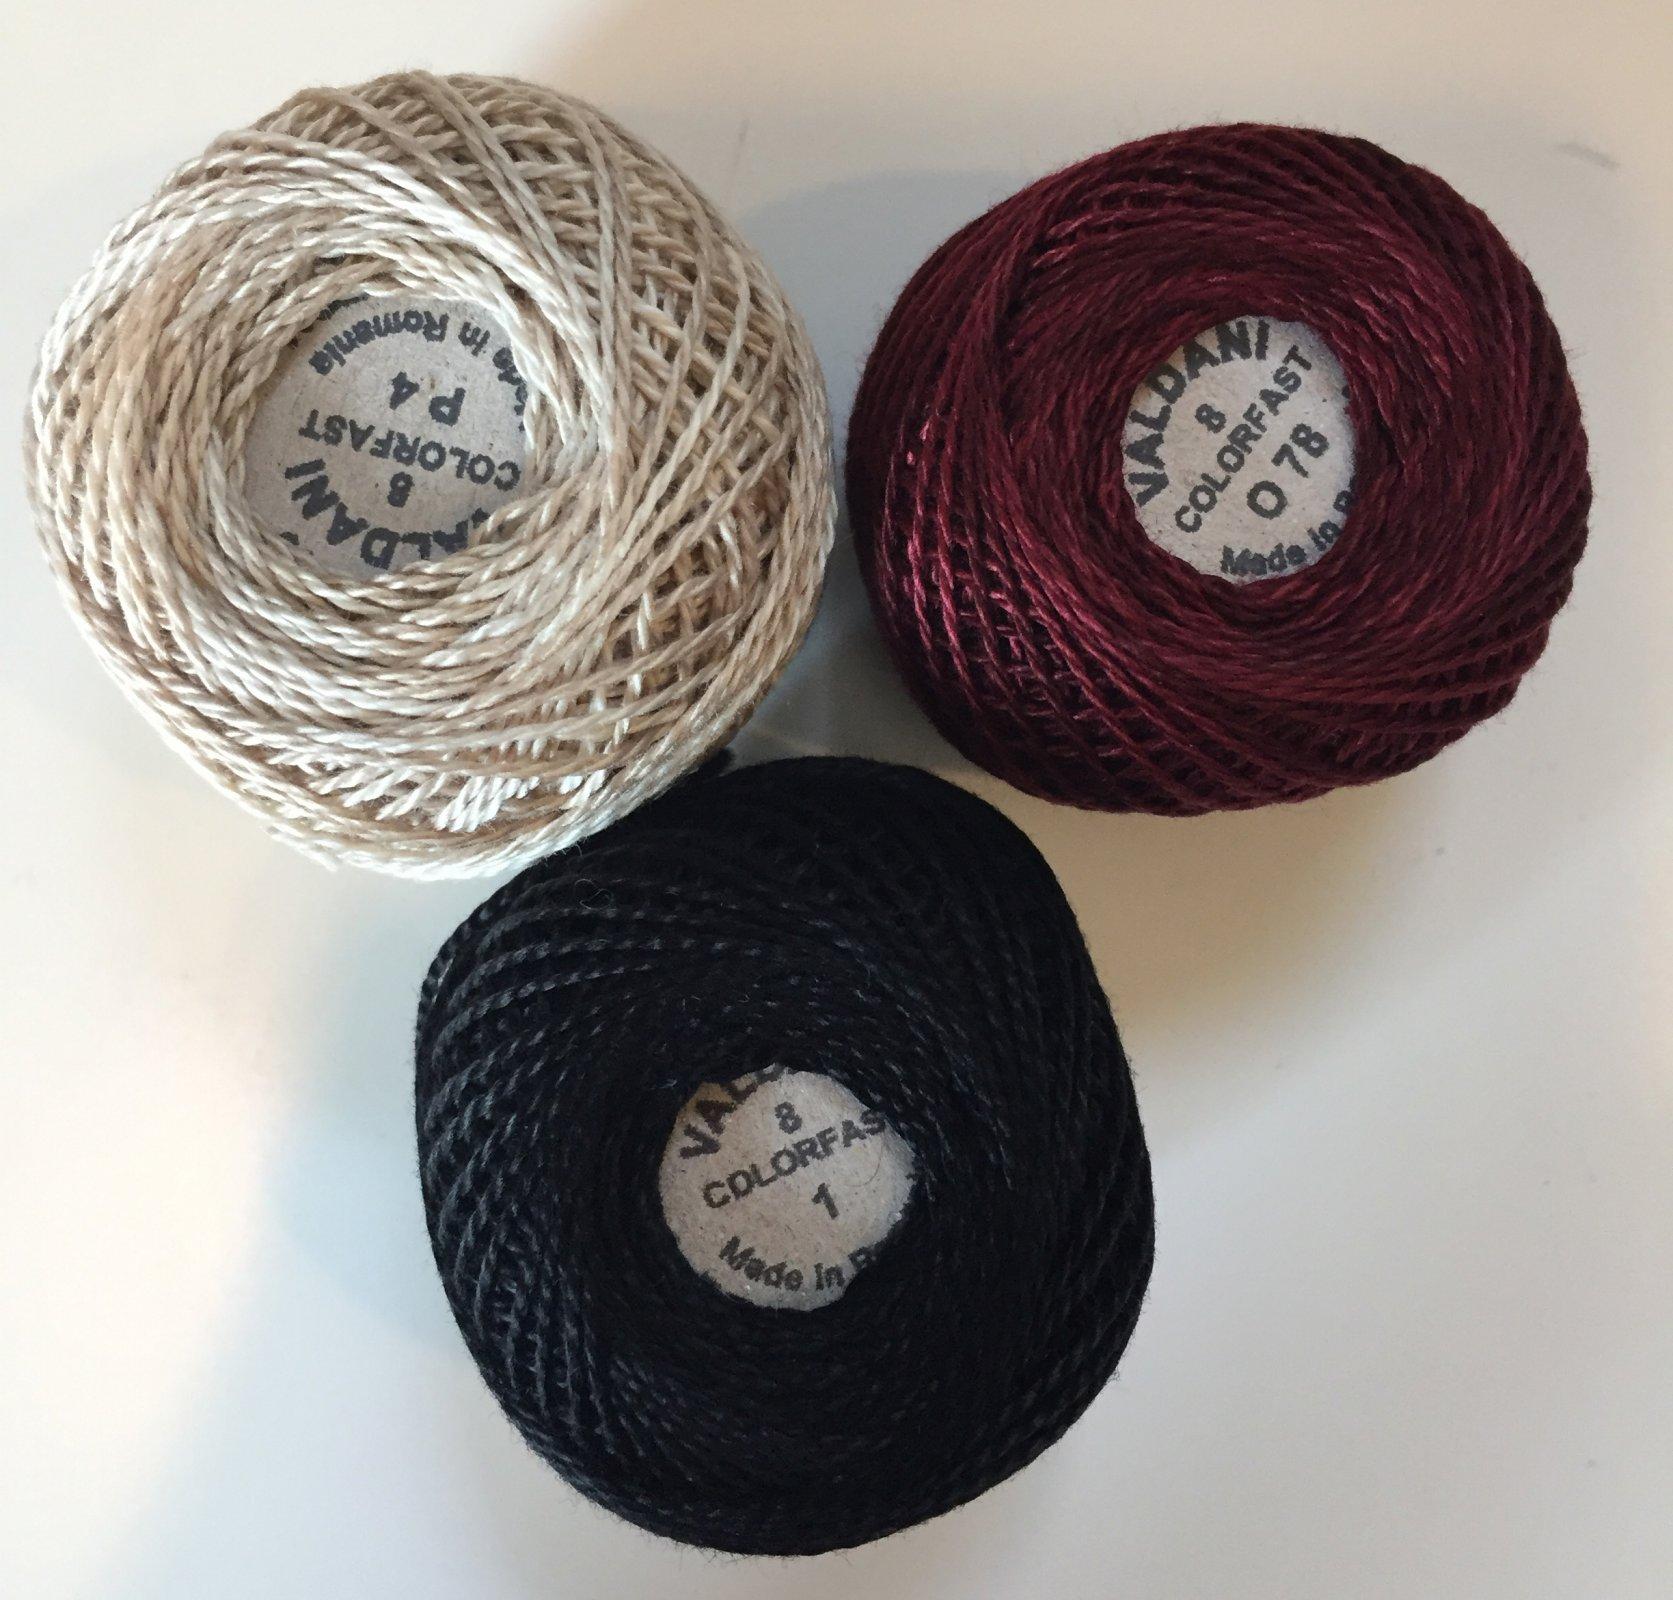 Good Wool ThreadKit Size 8 - October